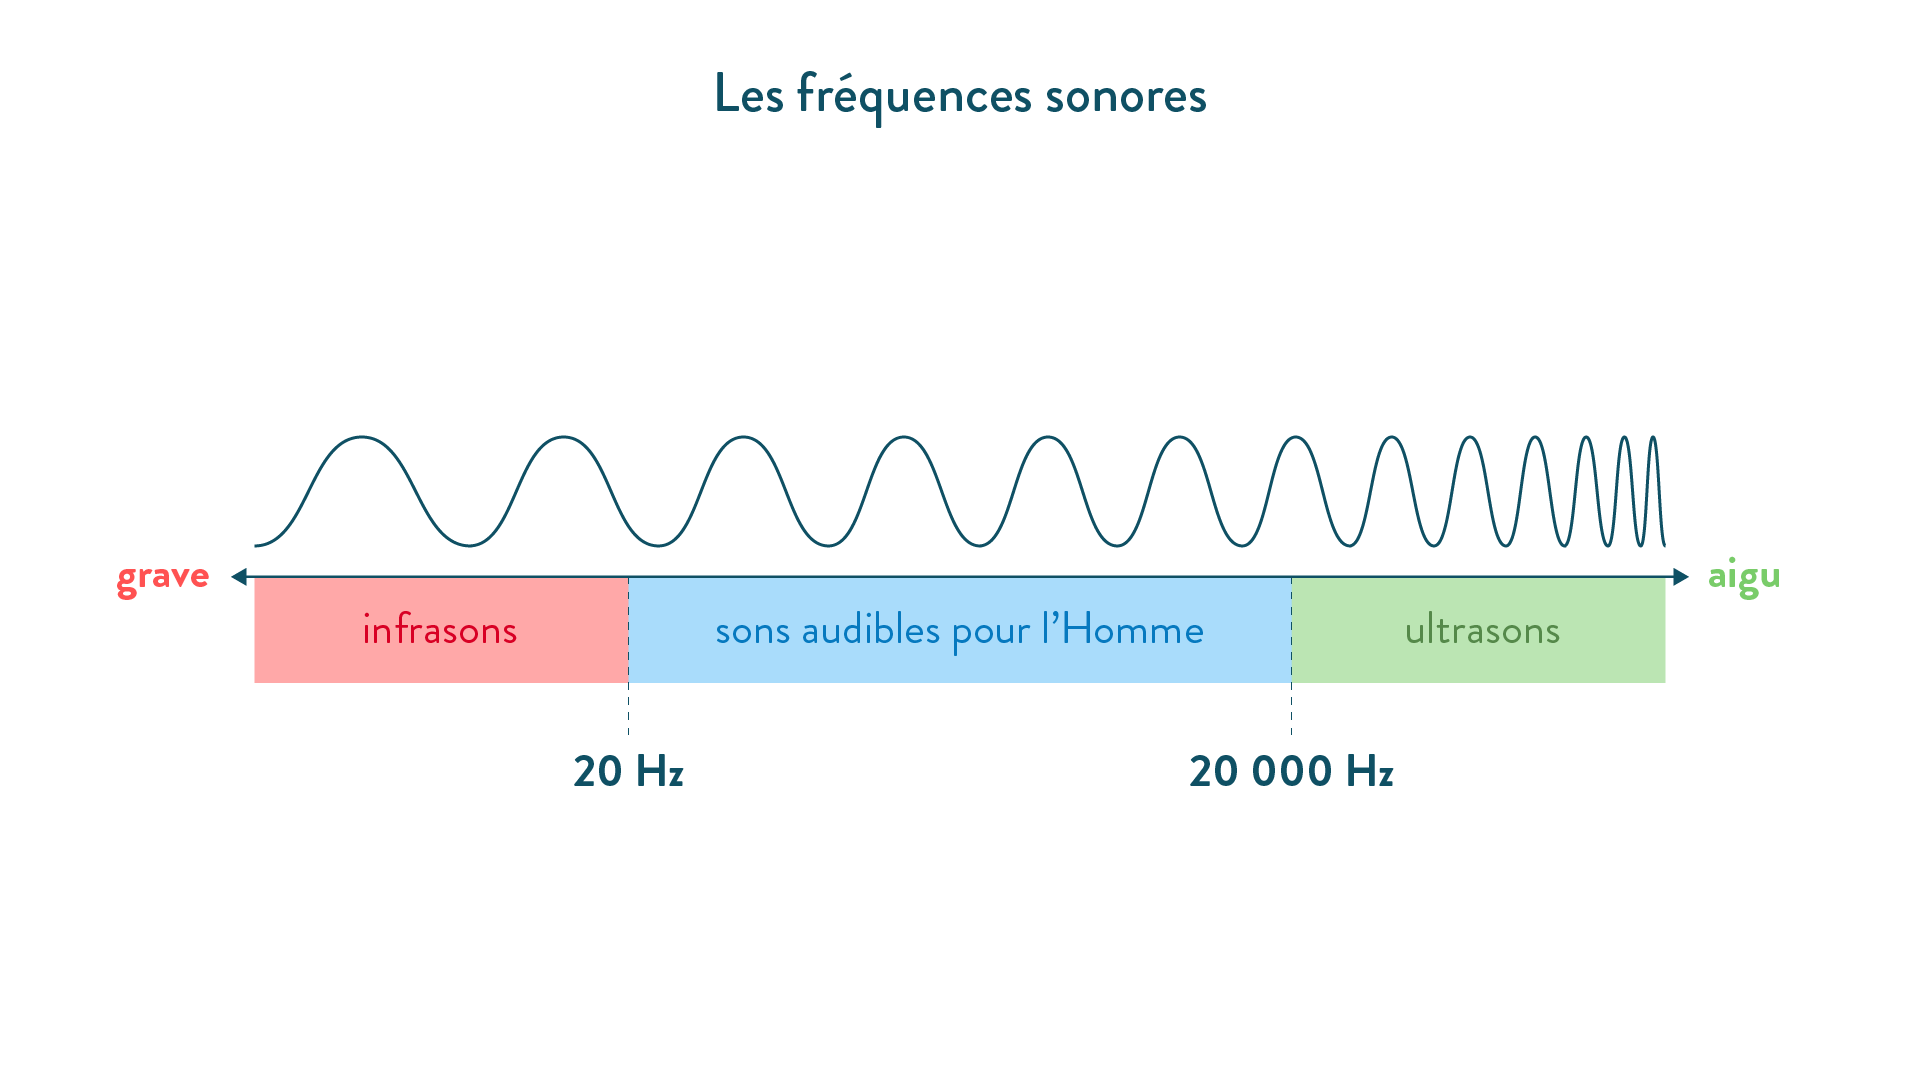 Les fréquences sonores